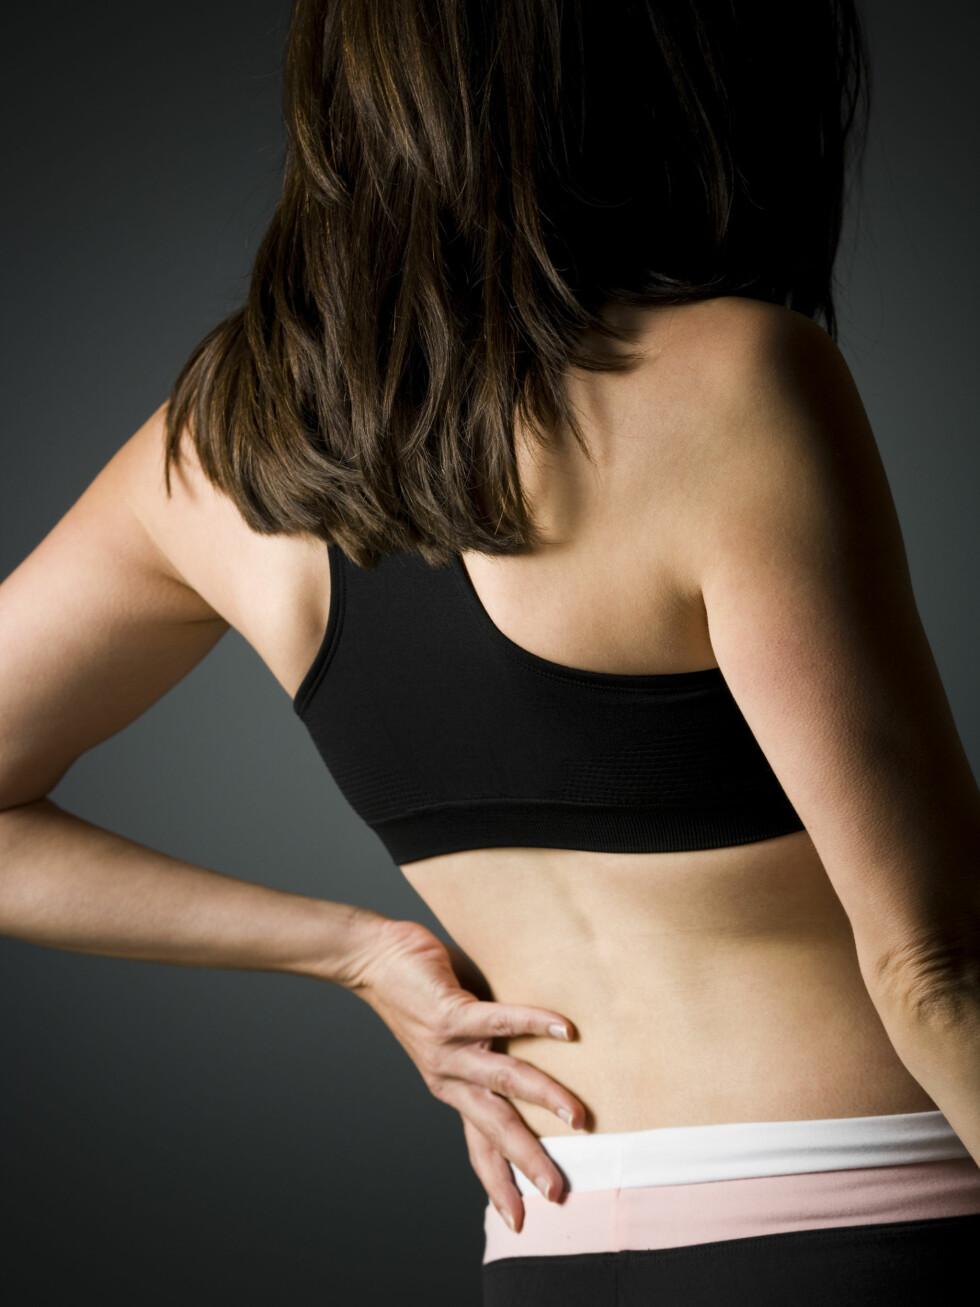 KAN INNTREFFE TIDLIG: Man kan få brudd som følge av osteoporose i tidlig alder, men det vanligste er at det rammer et sted mellom 55- og 75-års alder. Foto: Scanpix